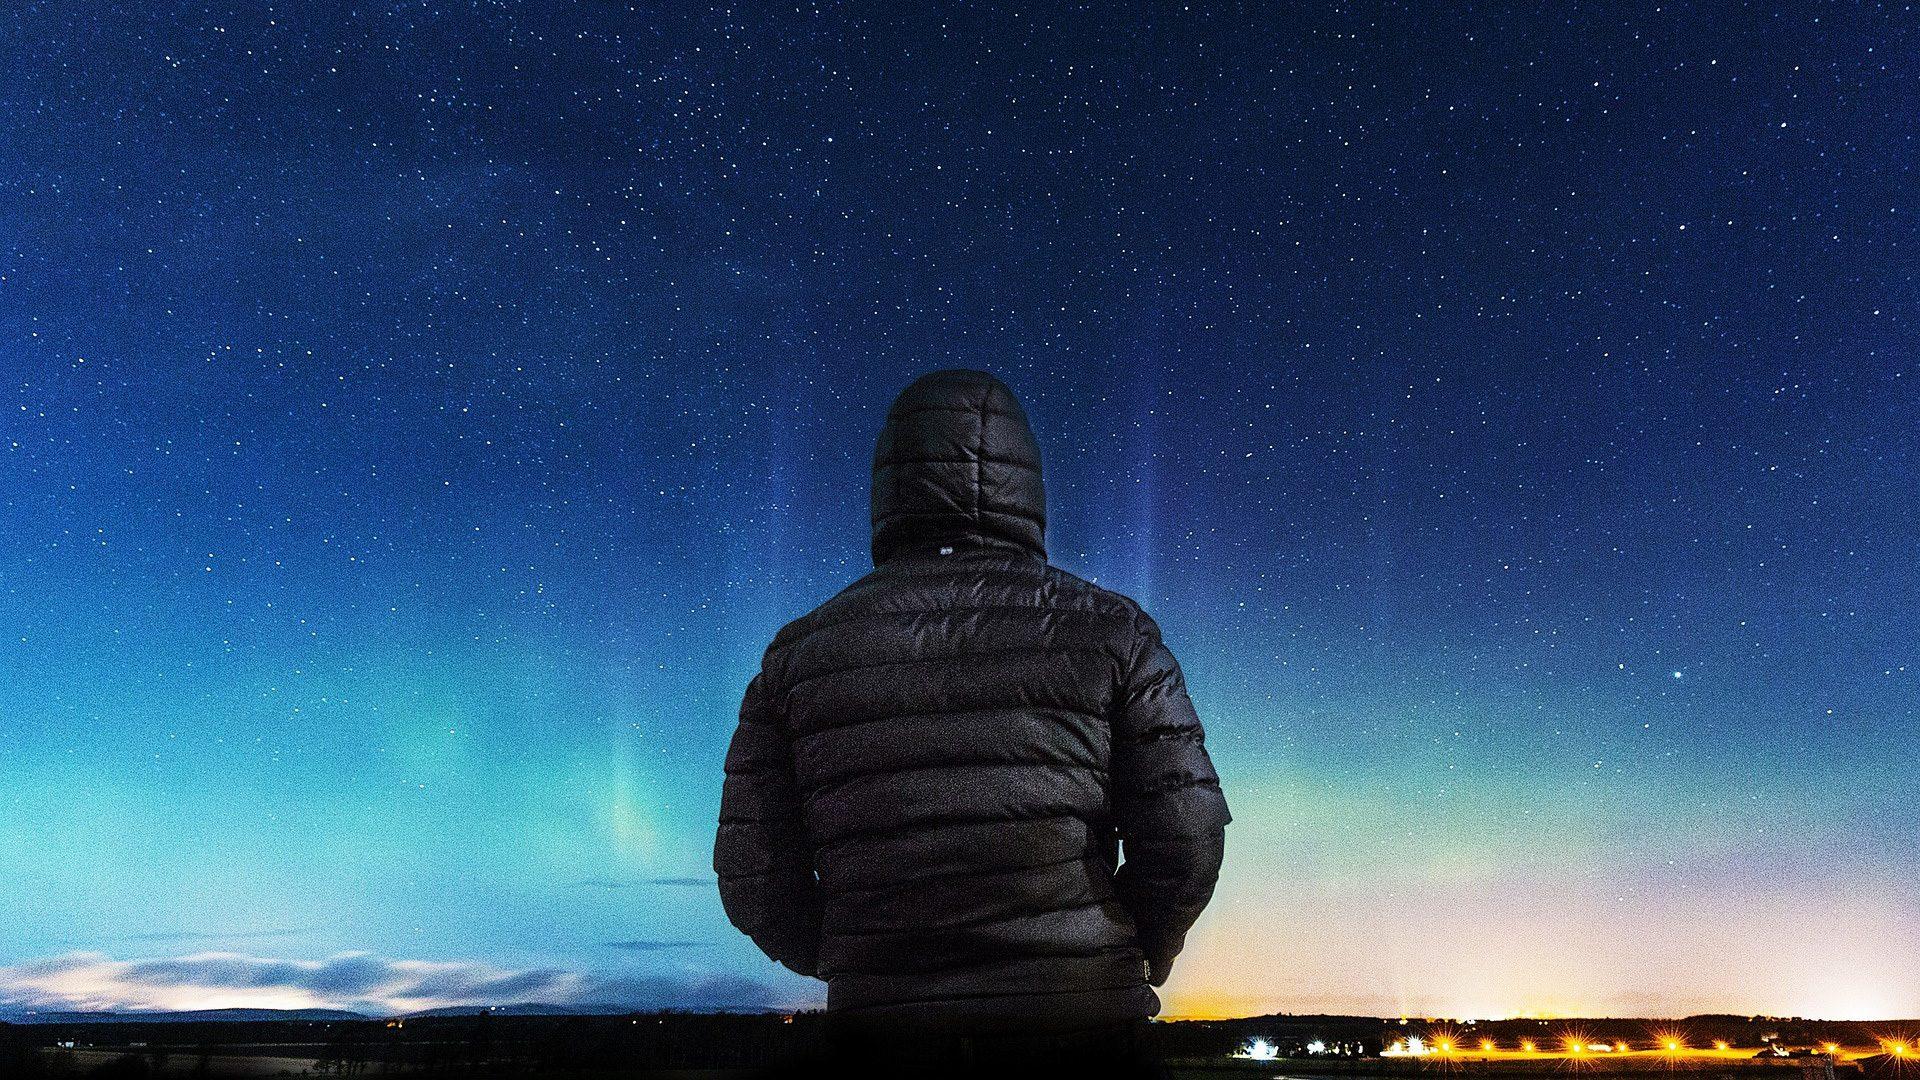 Большой гороскоп — на сегодня, завтра, на неделю, месяц и год